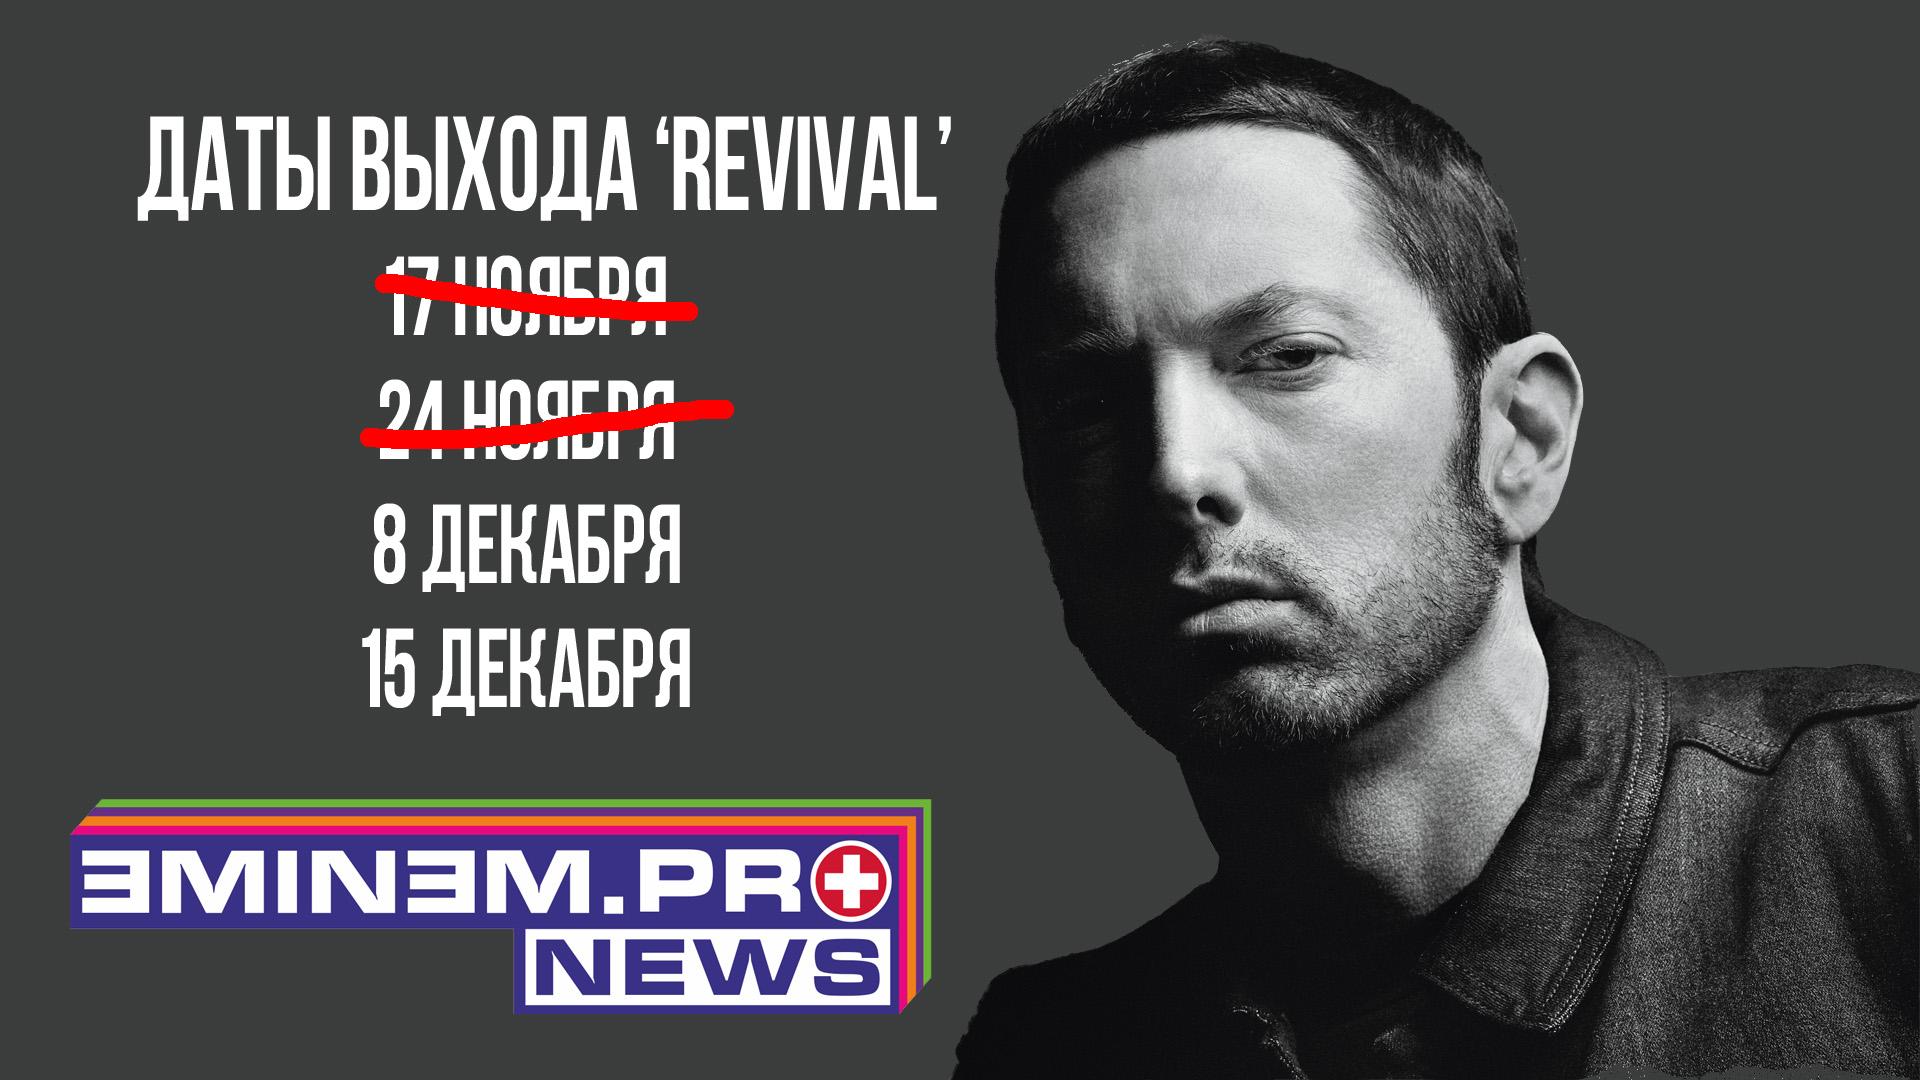 Когда Eminem выпустит «Revival»? И кое-что новое о грядущем альбоме.